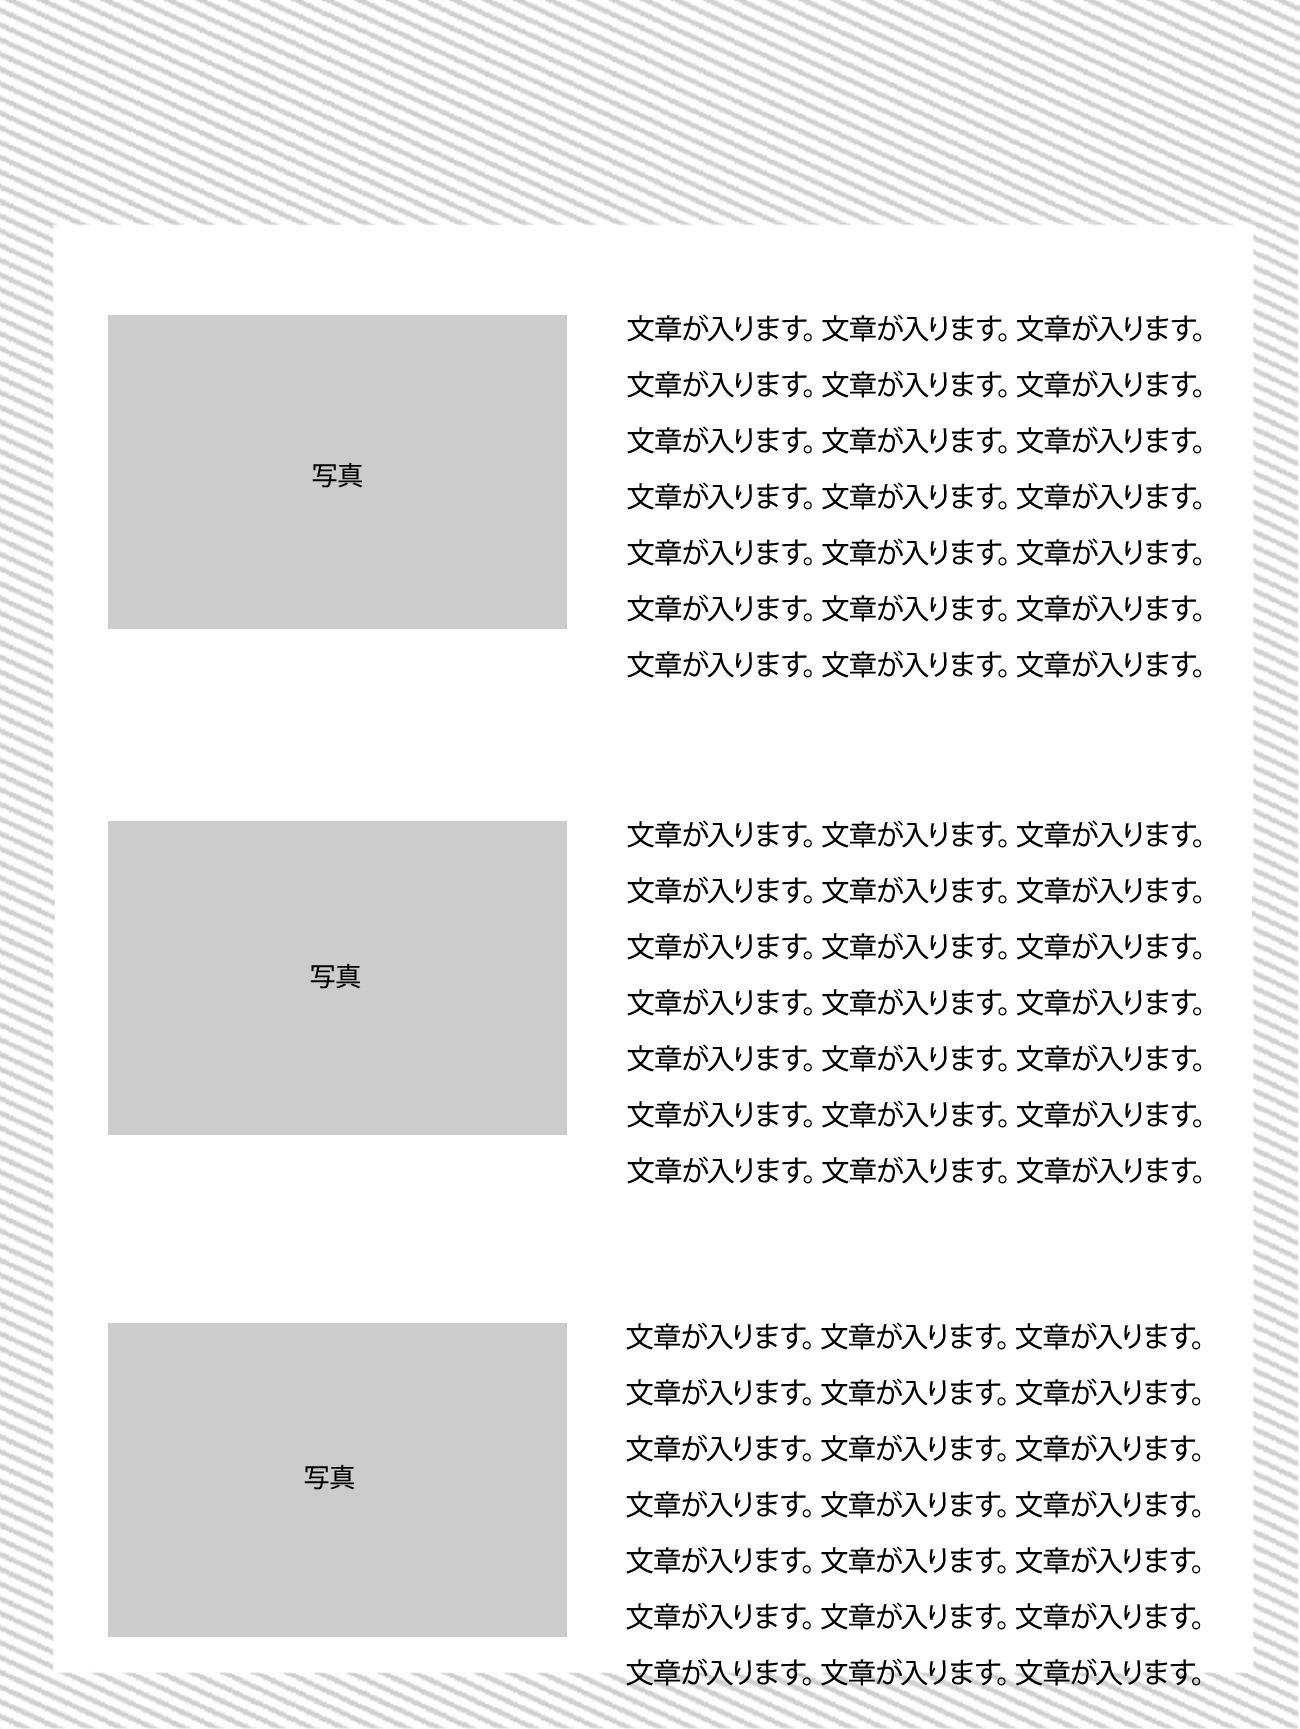 Webに適さないレイアウトデザインのために文字がはみ出てしまった例